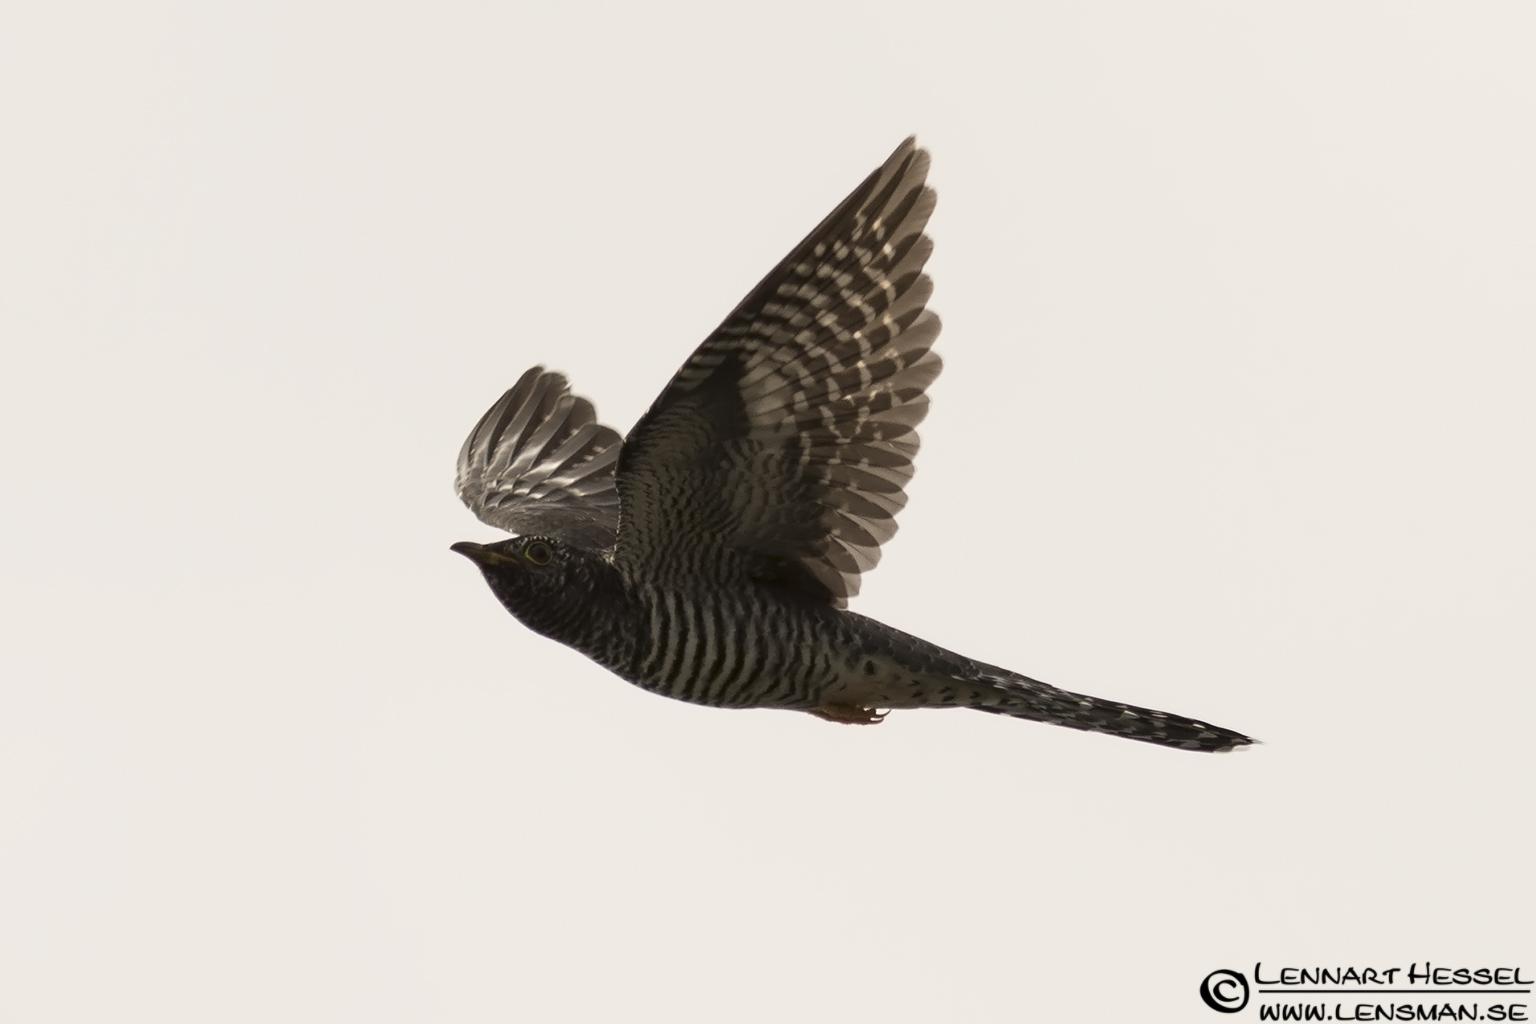 Cuckoo Öland 2012